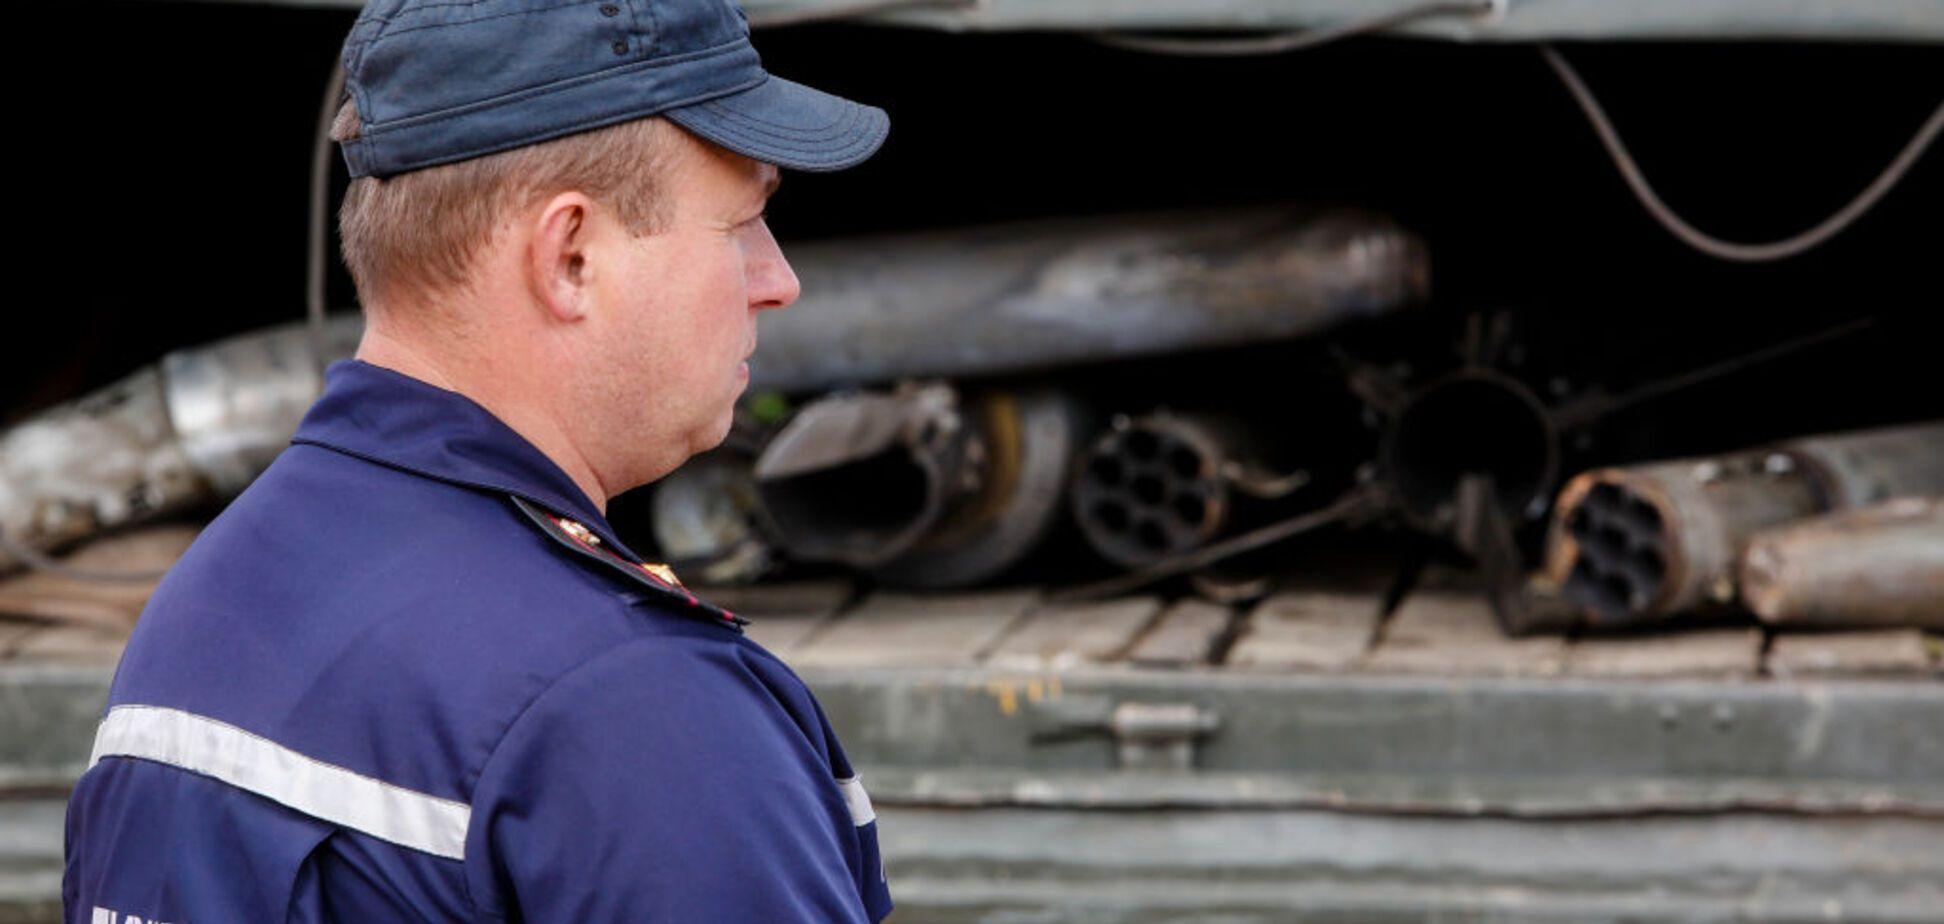 Вибухи в Калинівці: Матіос прокоментував інформацію про диверсантів і безпілотник